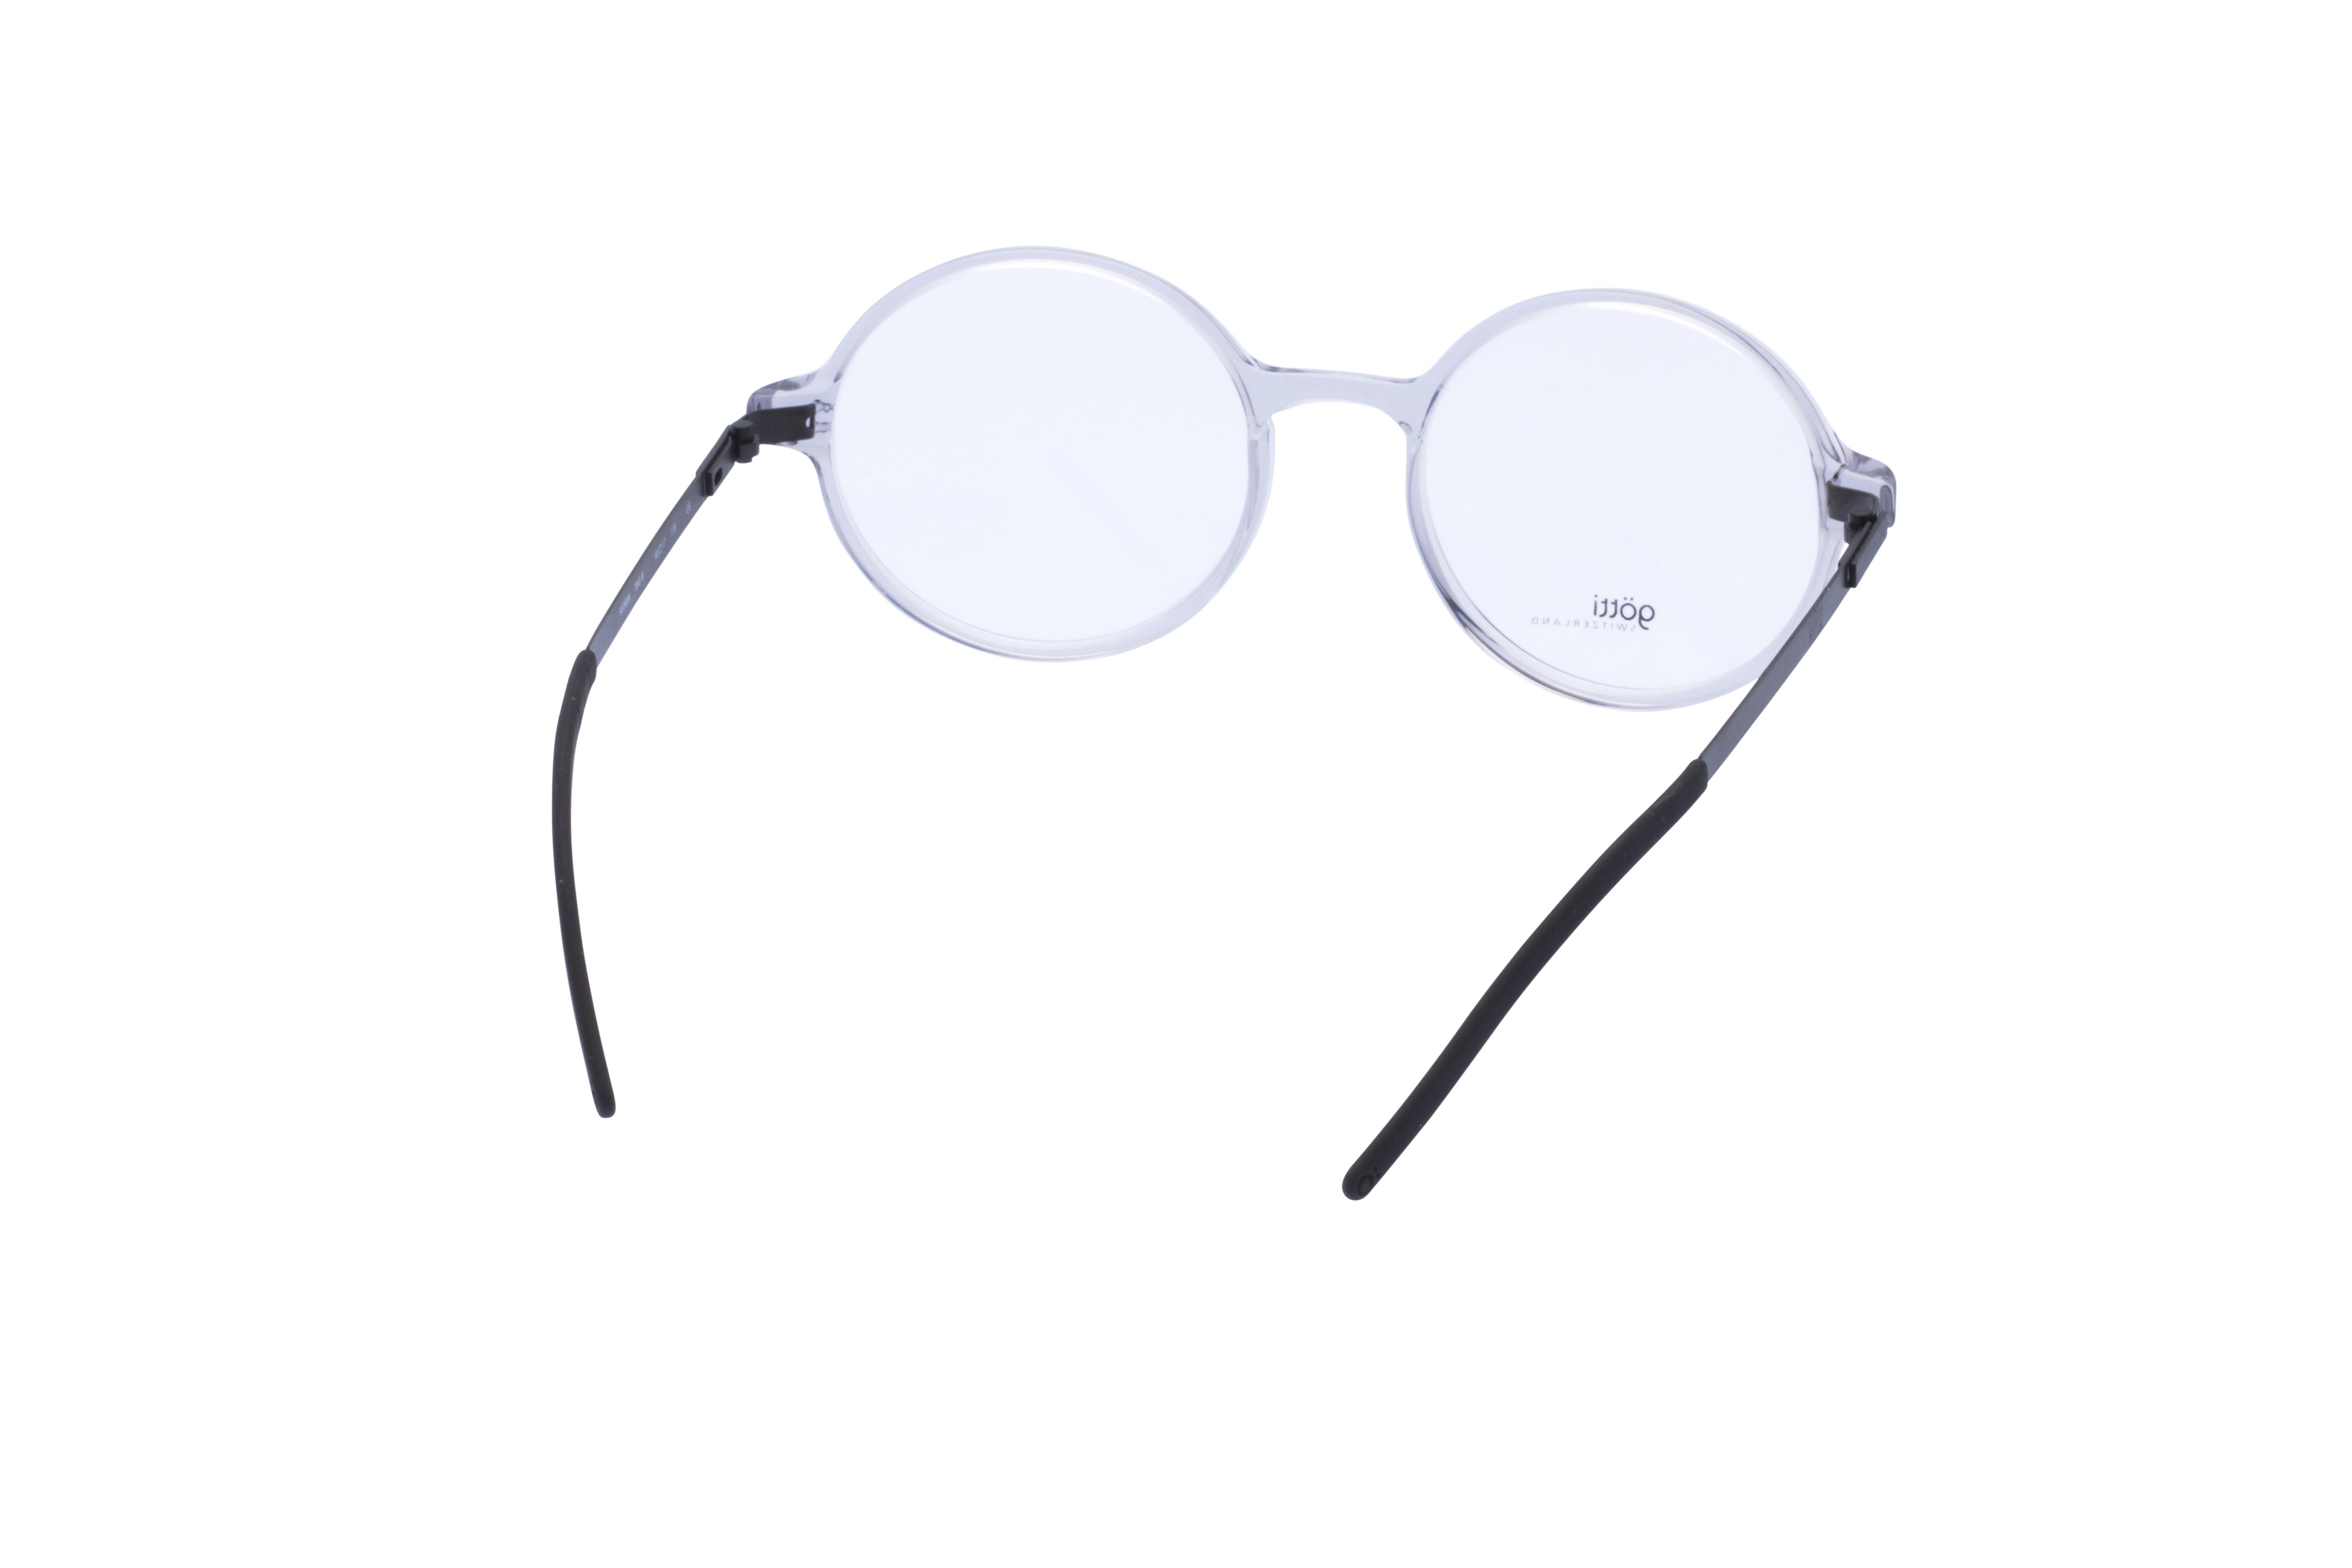 360 Grad Ansicht 11 Götti Sedrin, Brille auf Weiß - Fassung bei KUNK